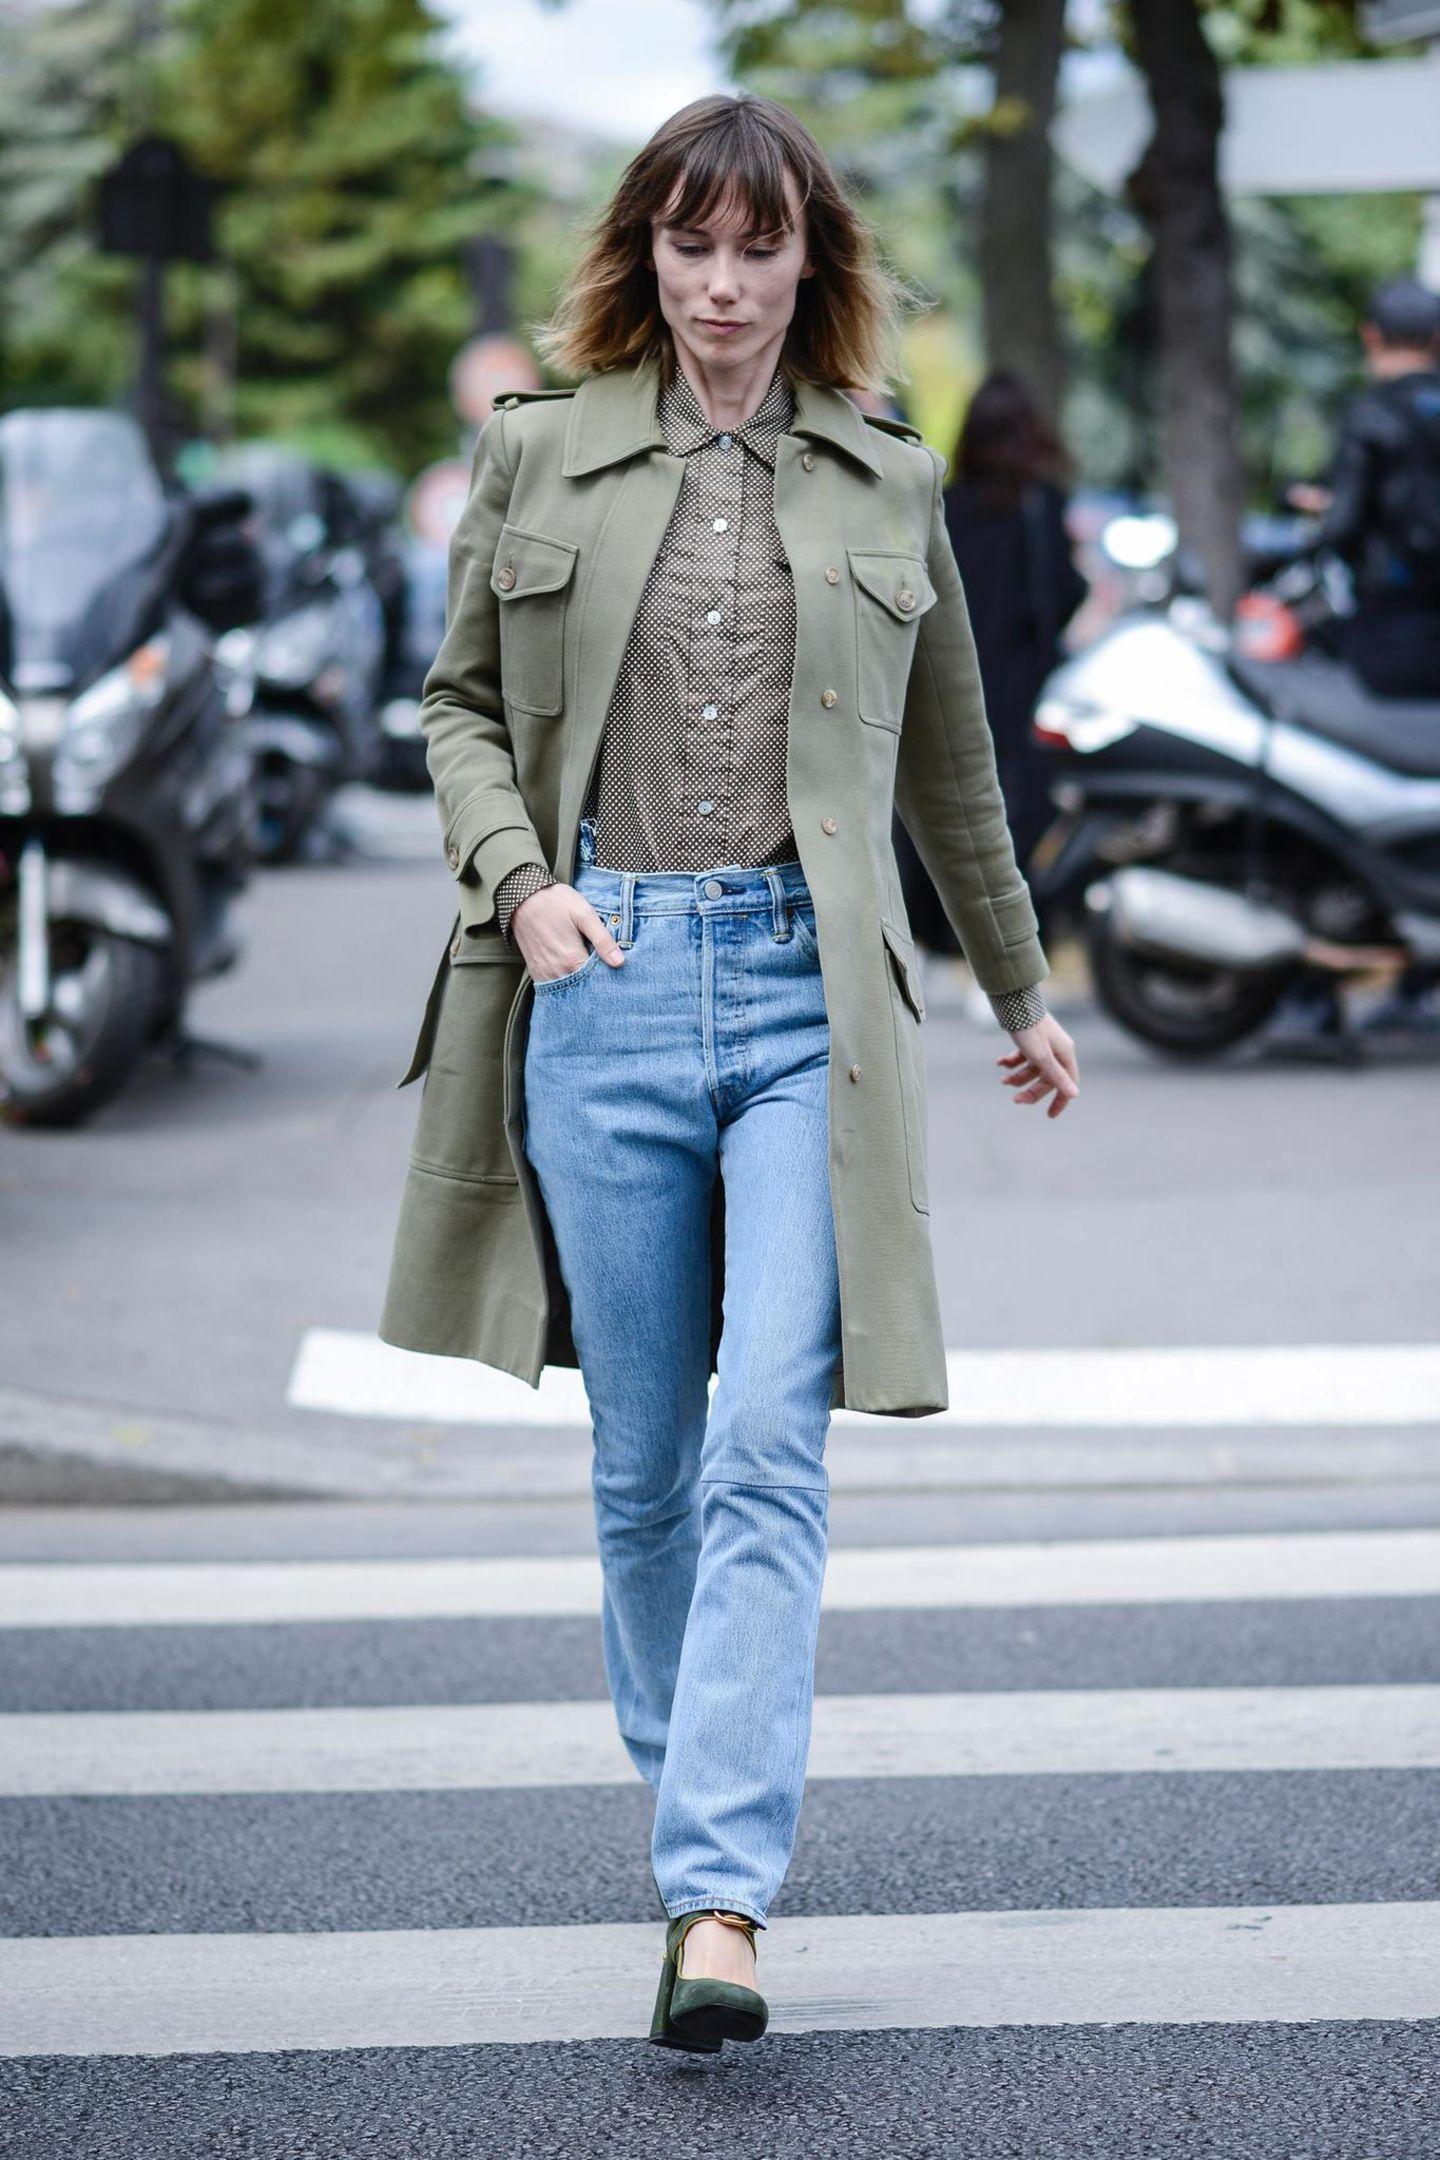 Die schönsten Streetstyles, die Lust auf Frühling machen: Mom-Jeans und grüner Parka